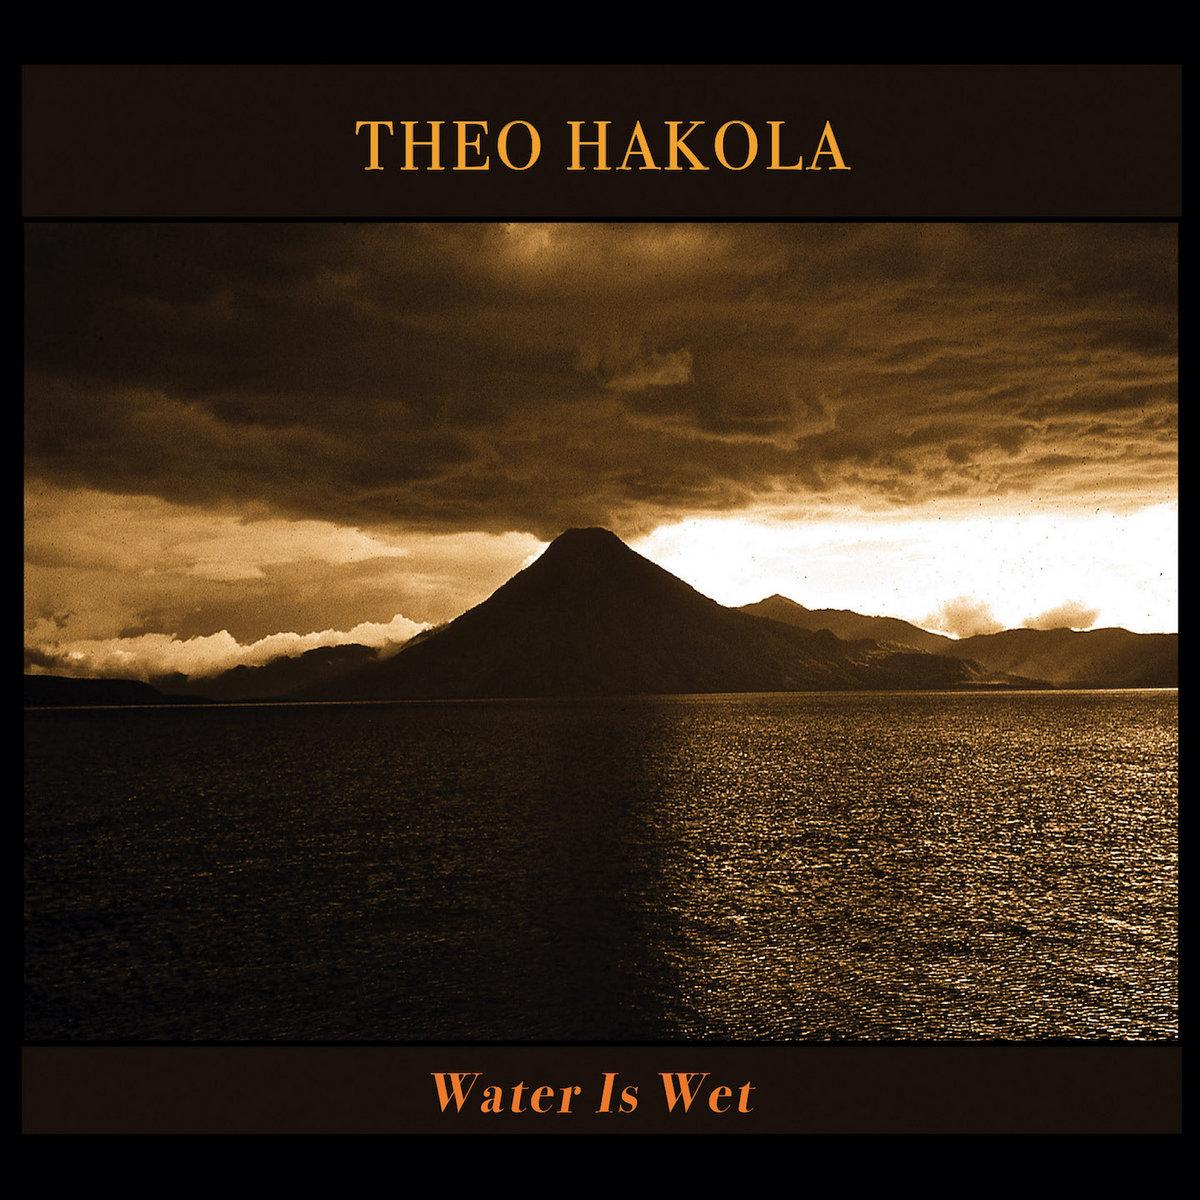 """Résultat de recherche d'images pour """"theo hakola album"""""""